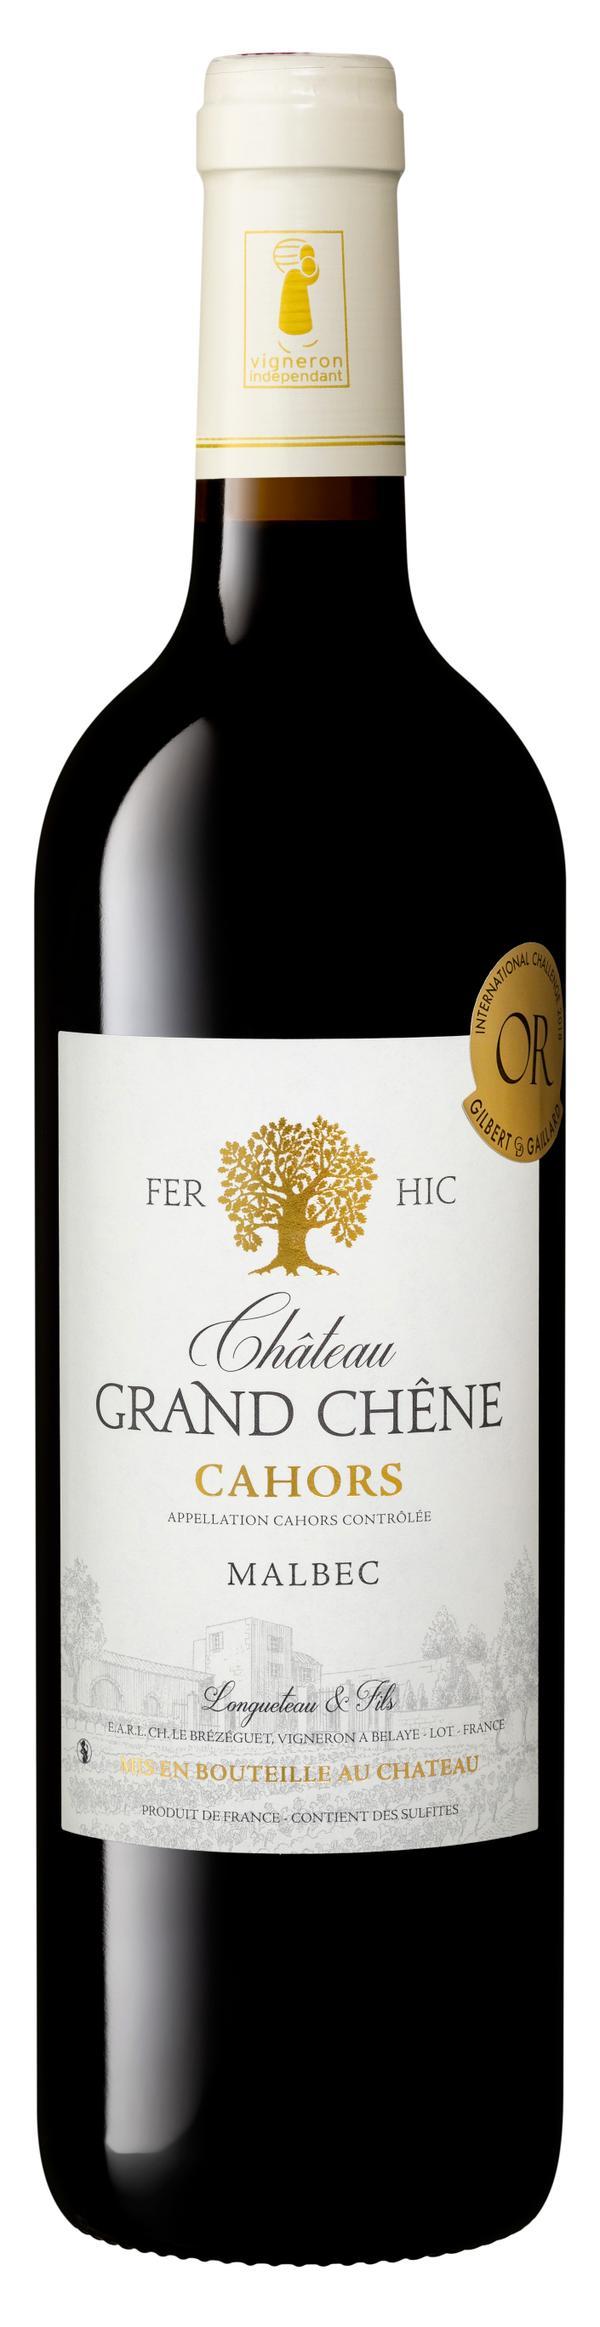 Château Grand Chêne vin rouge AOP Cahors cuvée Fer-Hic 2018 75 cl